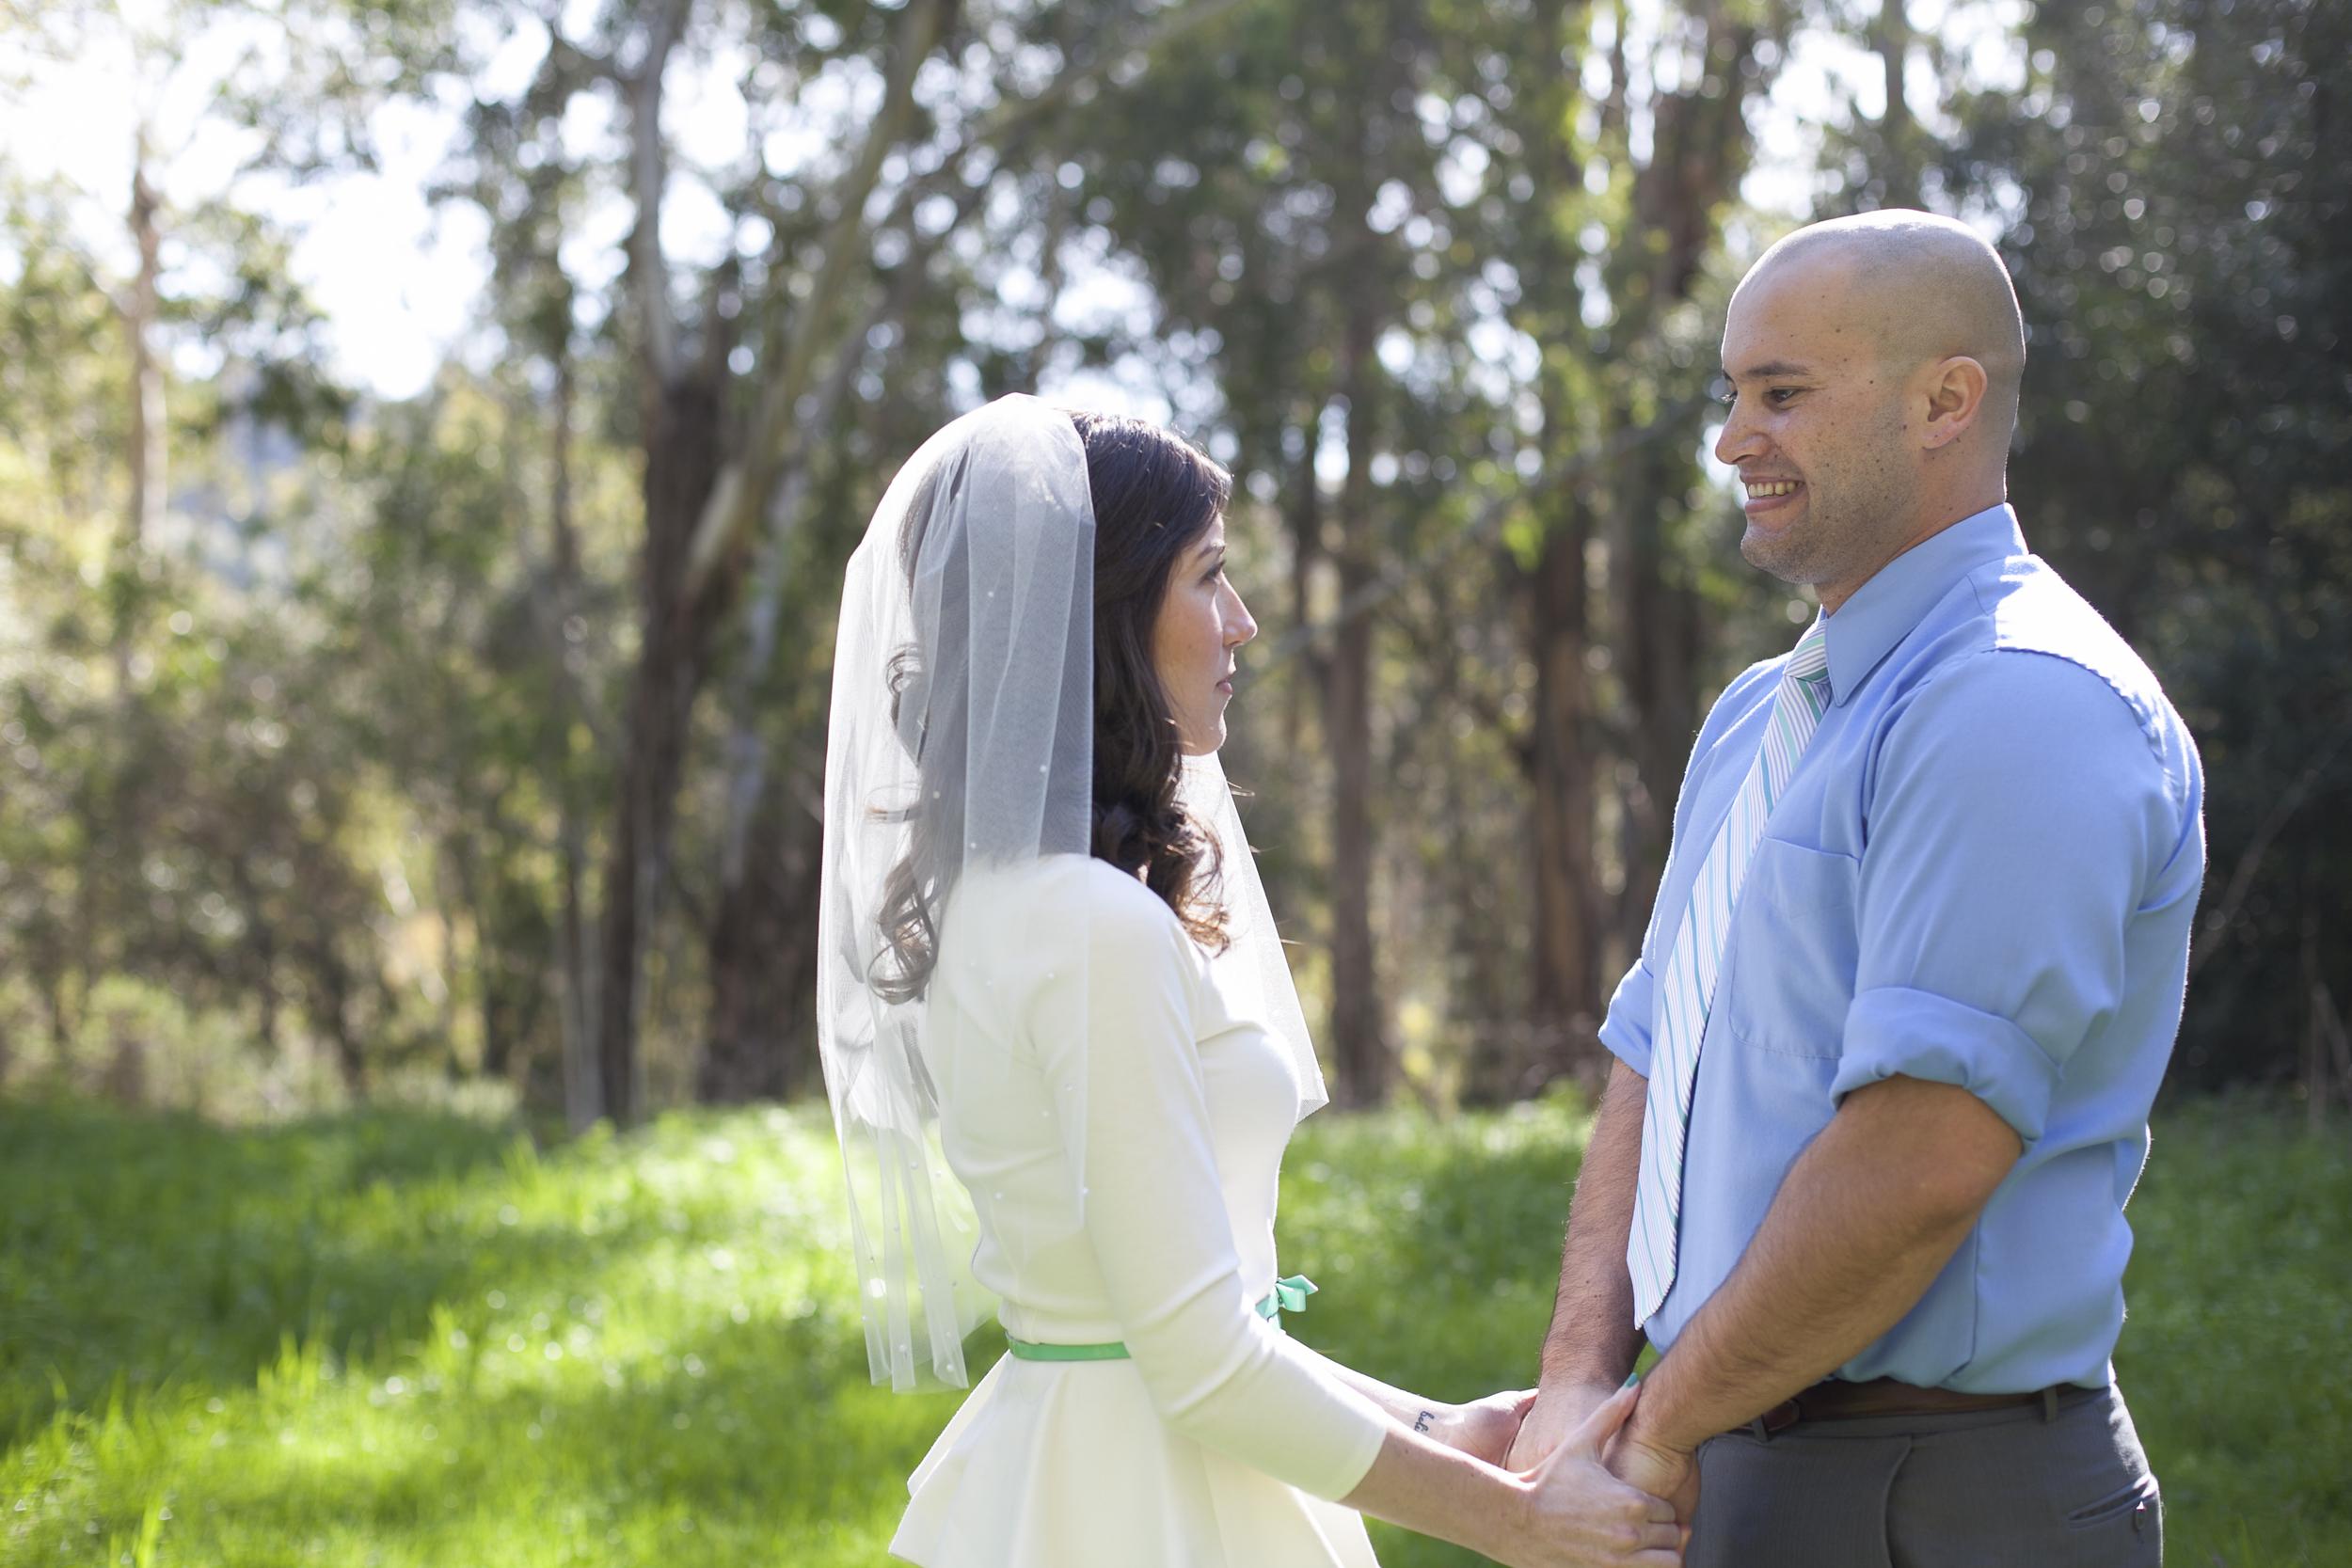 Tilden Park Berkeley Wedding Photographer-Meo Baaklini007.jpg